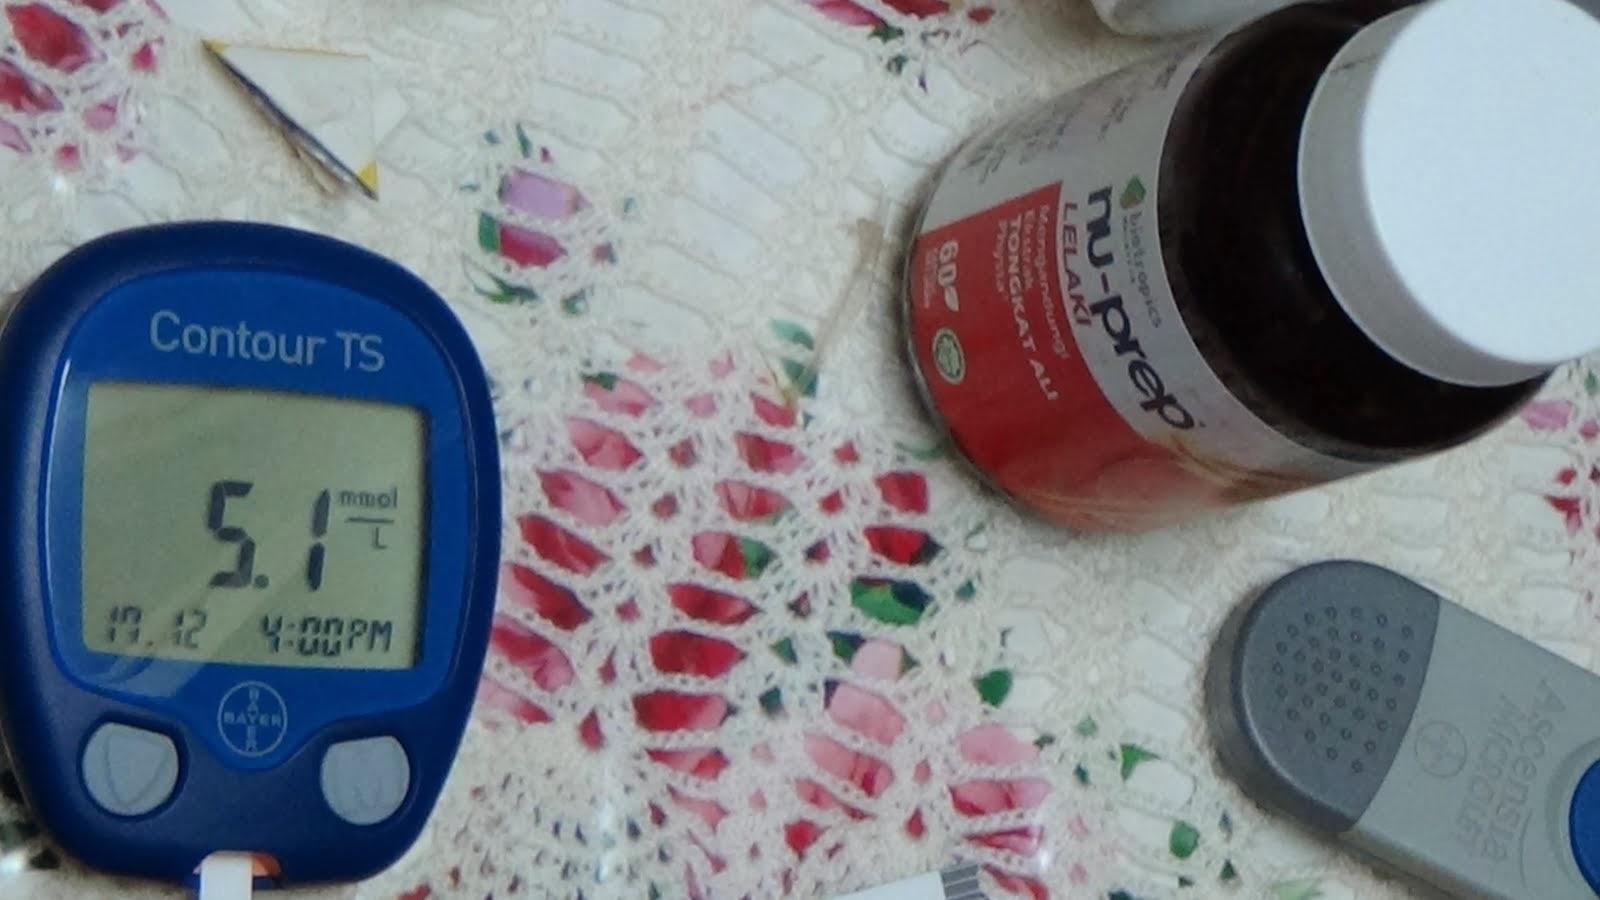 Kencing Manis TIADA 'diabetes reducer' Tongkat Ali Nu-Prep lelaki